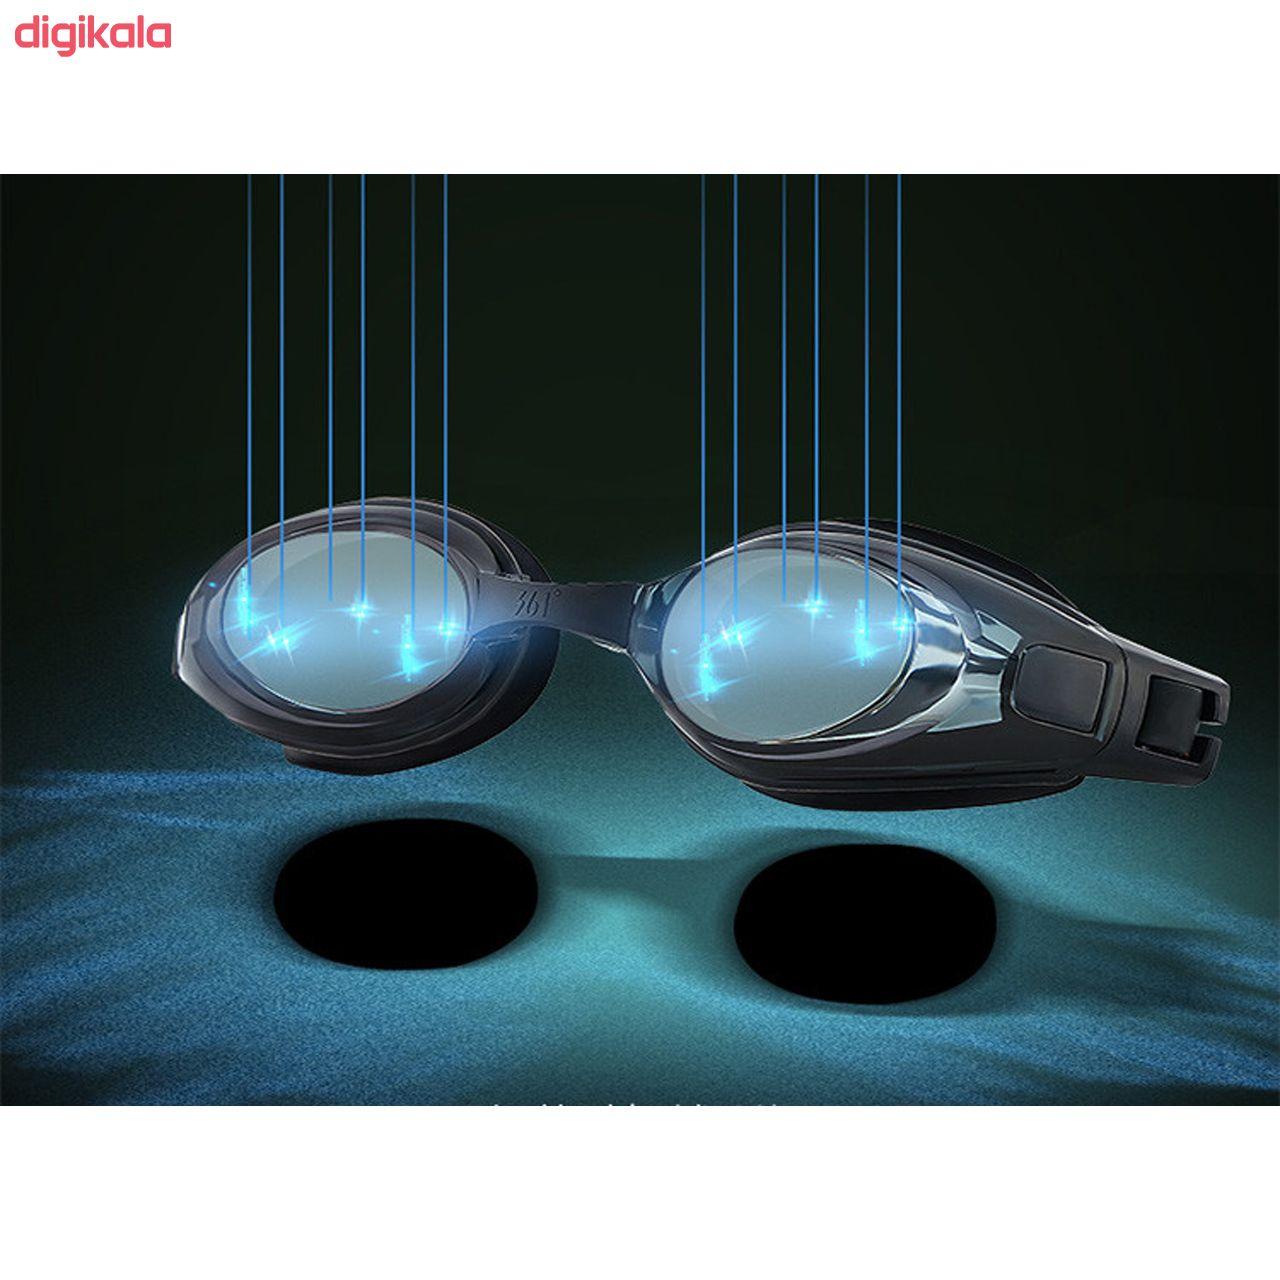 عینک شنا 361 درجه مدل 361186009 main 1 6